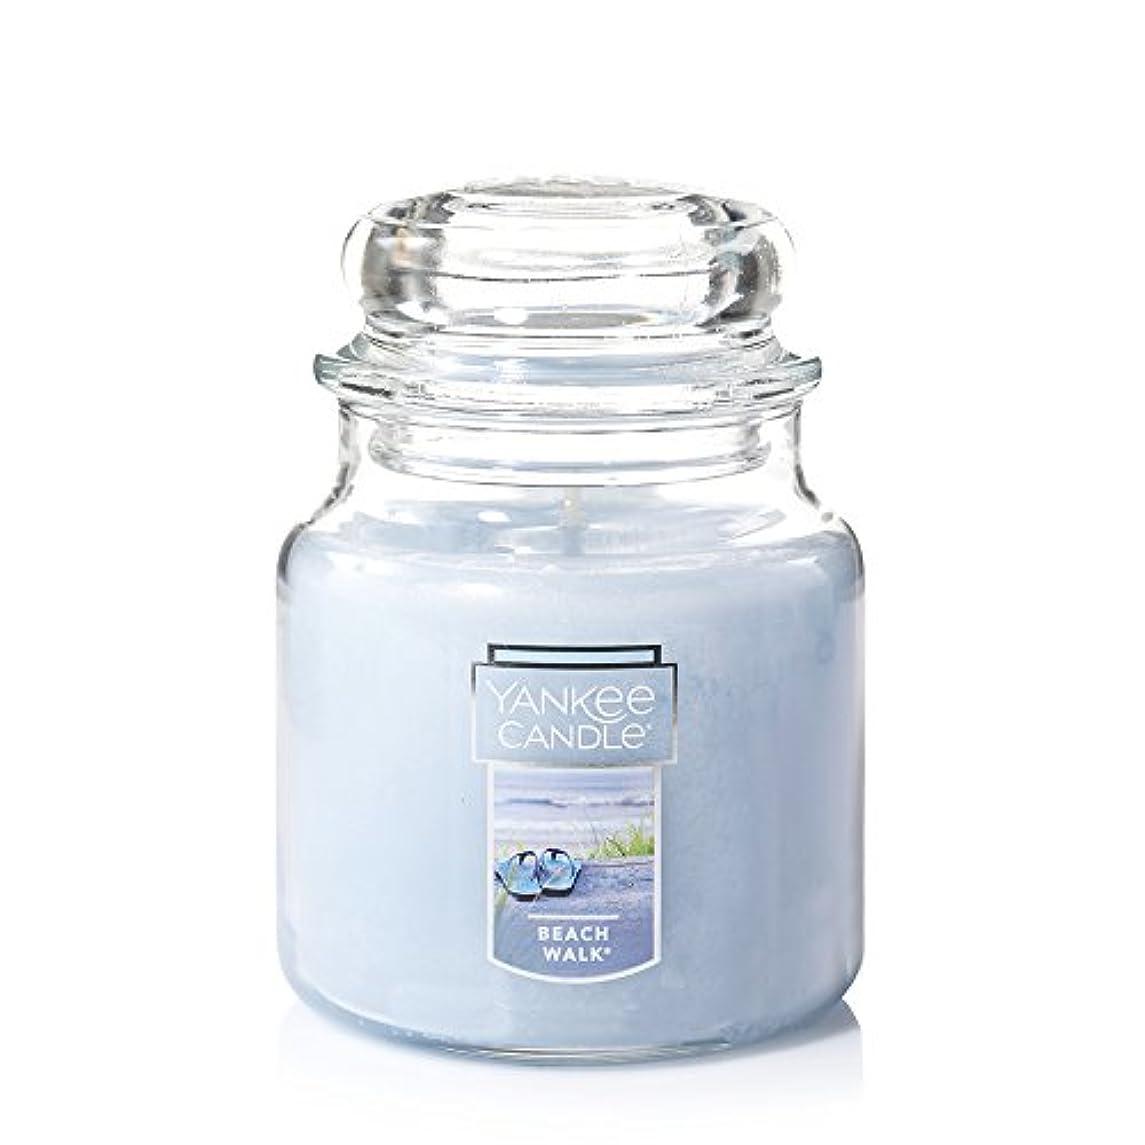 シンプトン好色な誤解を招くYankee Candle Beach Walk Large Jar 22oz Candle Small Jar Candles ブルー 1129793